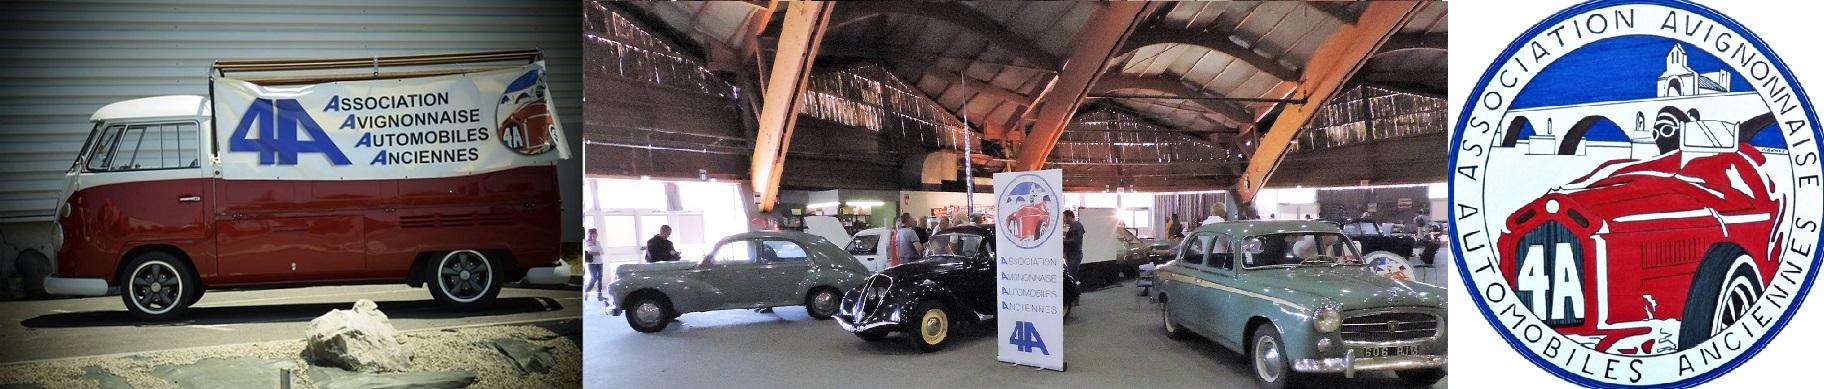 4A - Association Avignonnaise Automobiles Anciennes